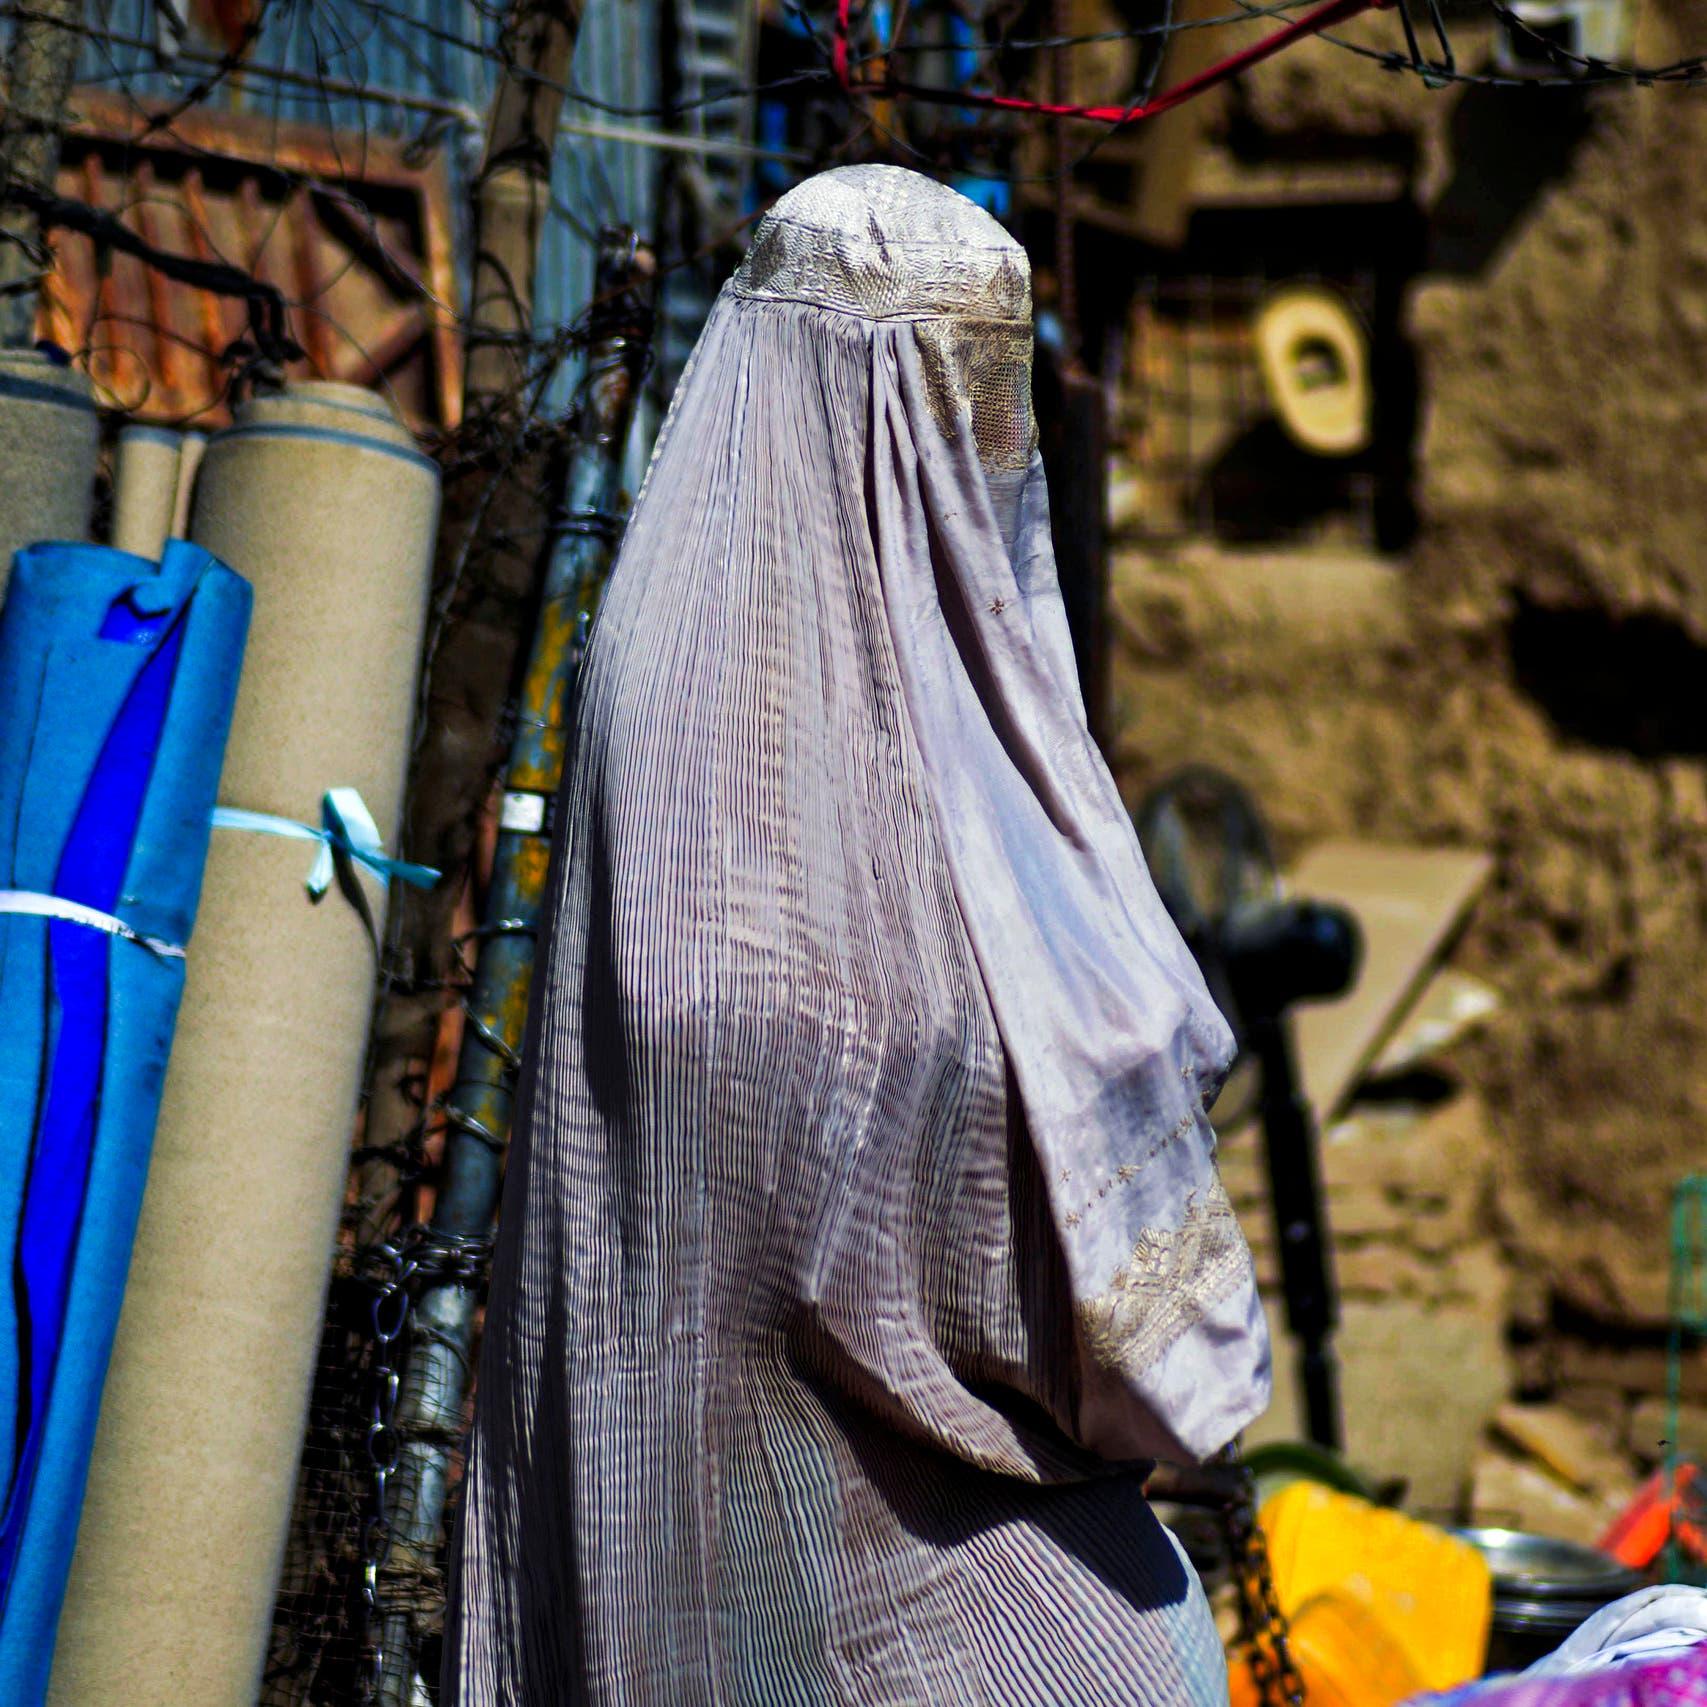 طالبان توافق على عمل النساء مع منظمة خيرية.. لكن ليس حالاً